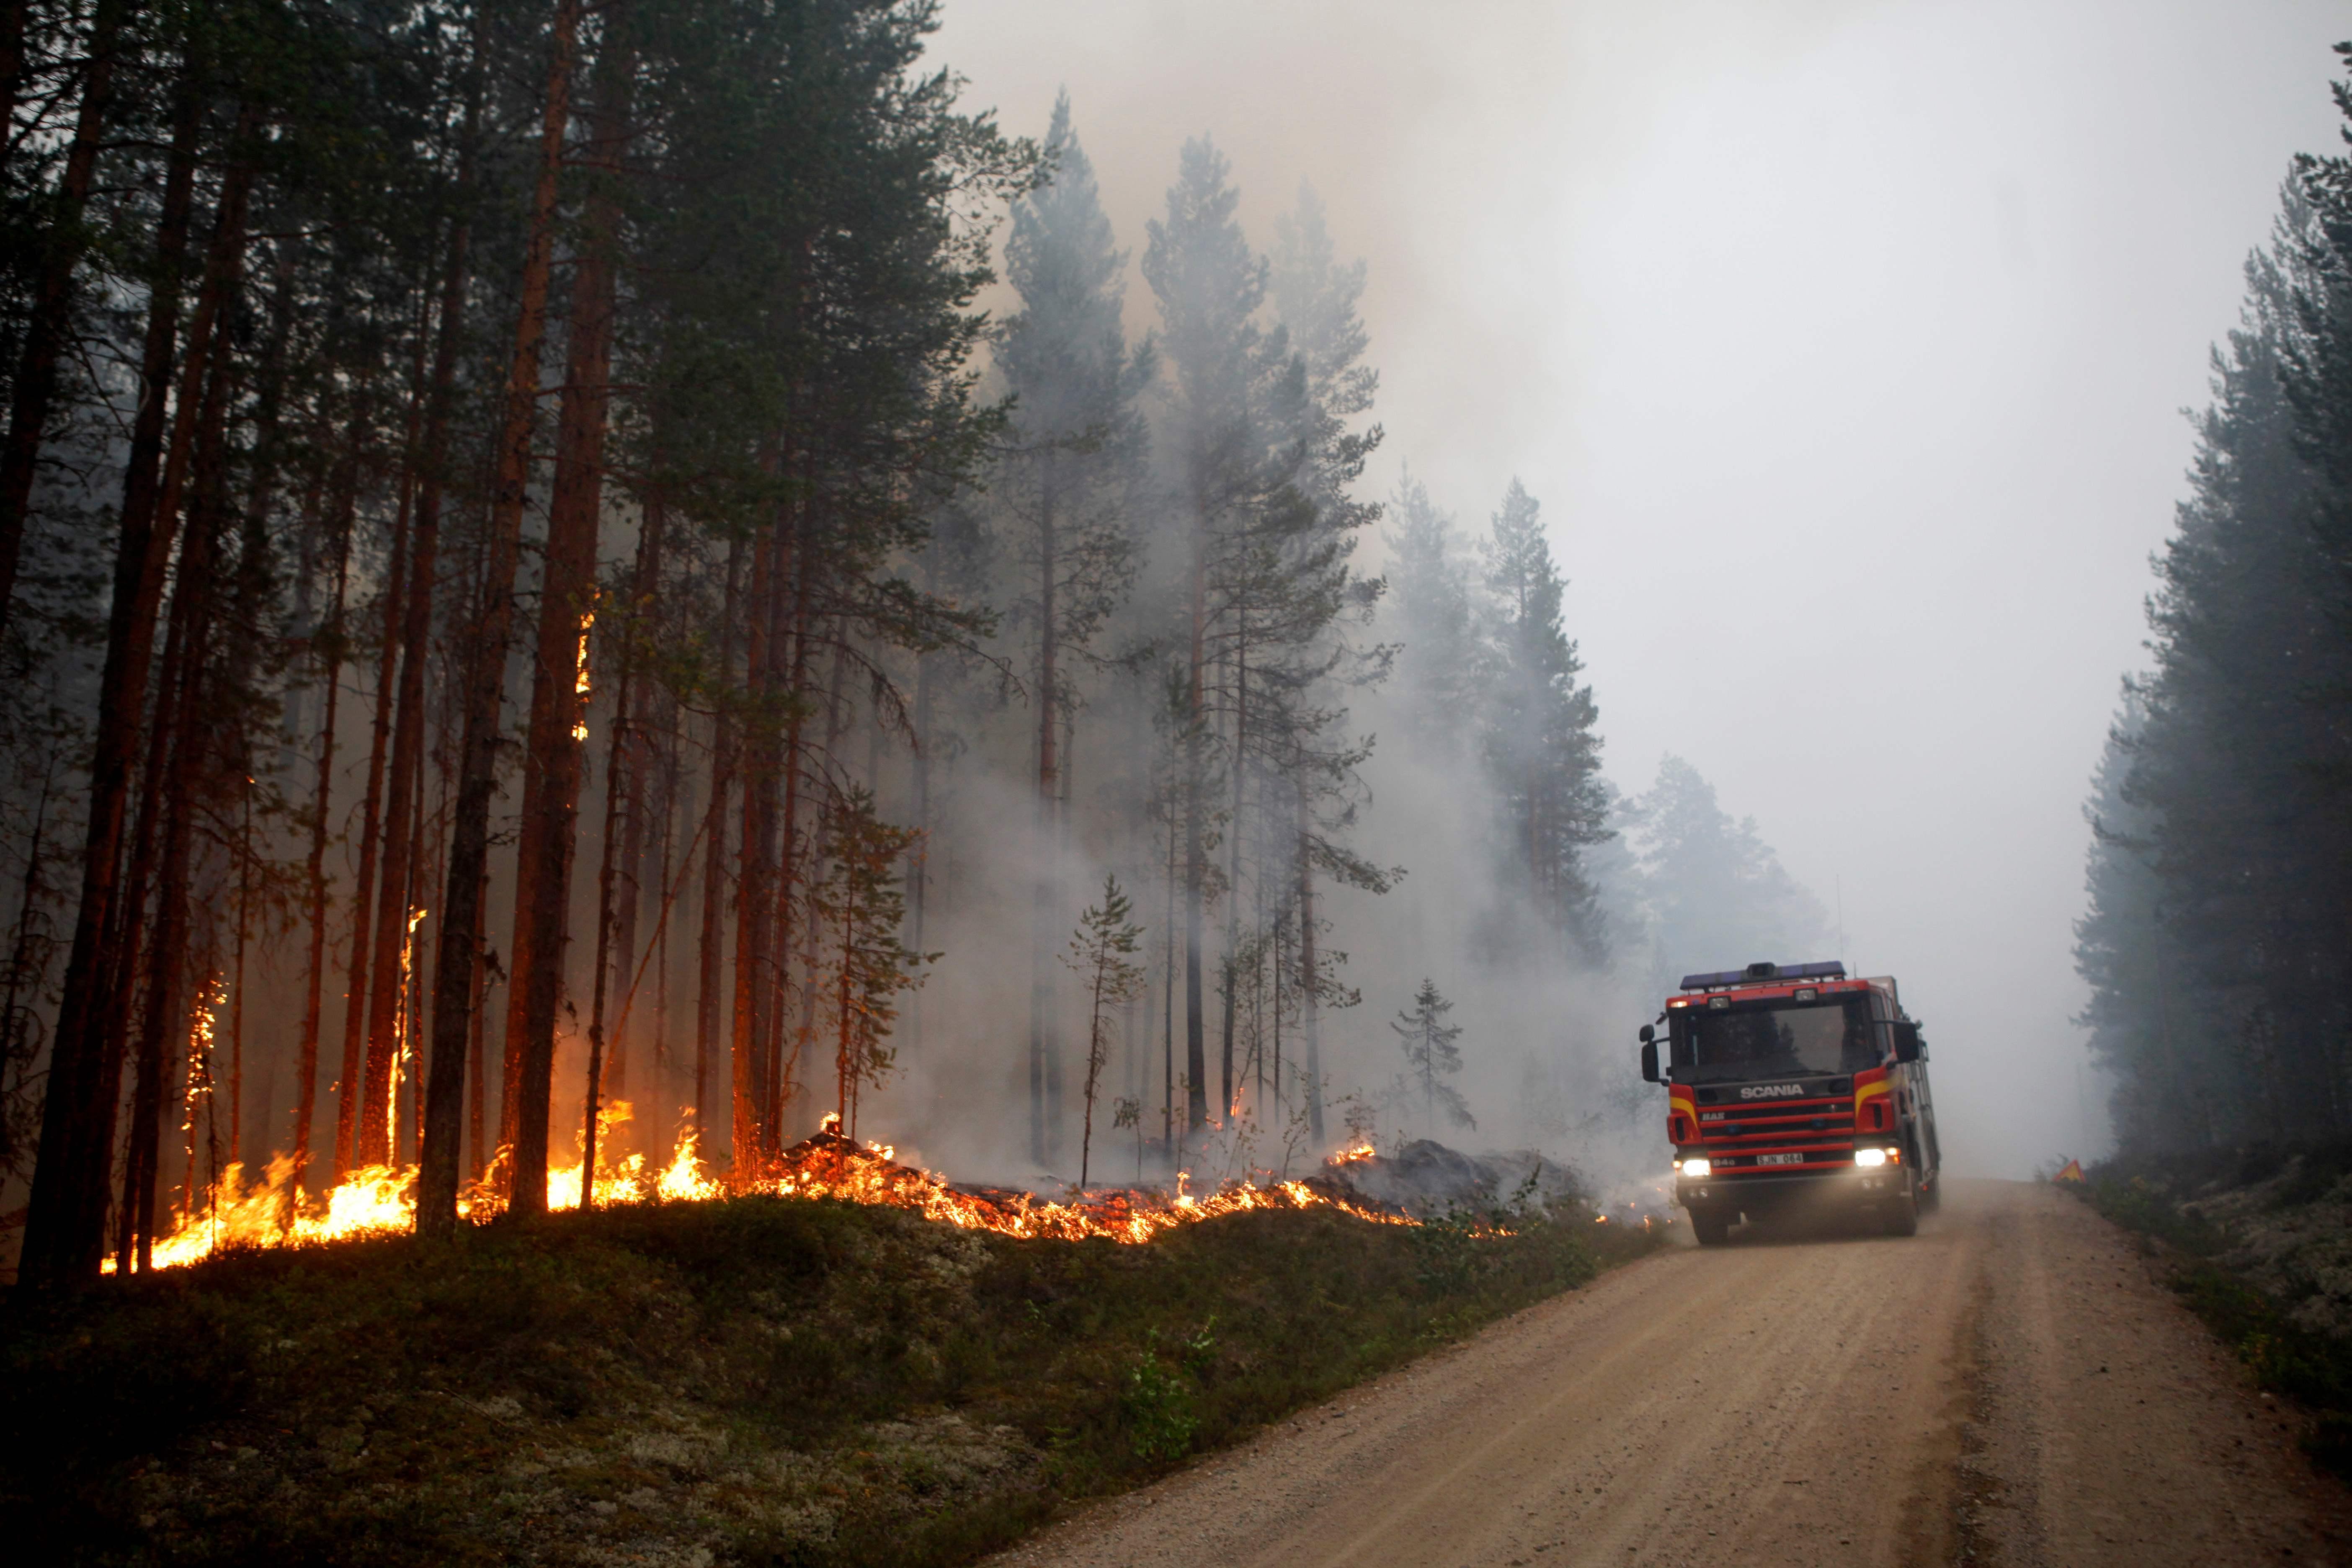 سيارات الاطفاء تسعى للسيطرة على النيران